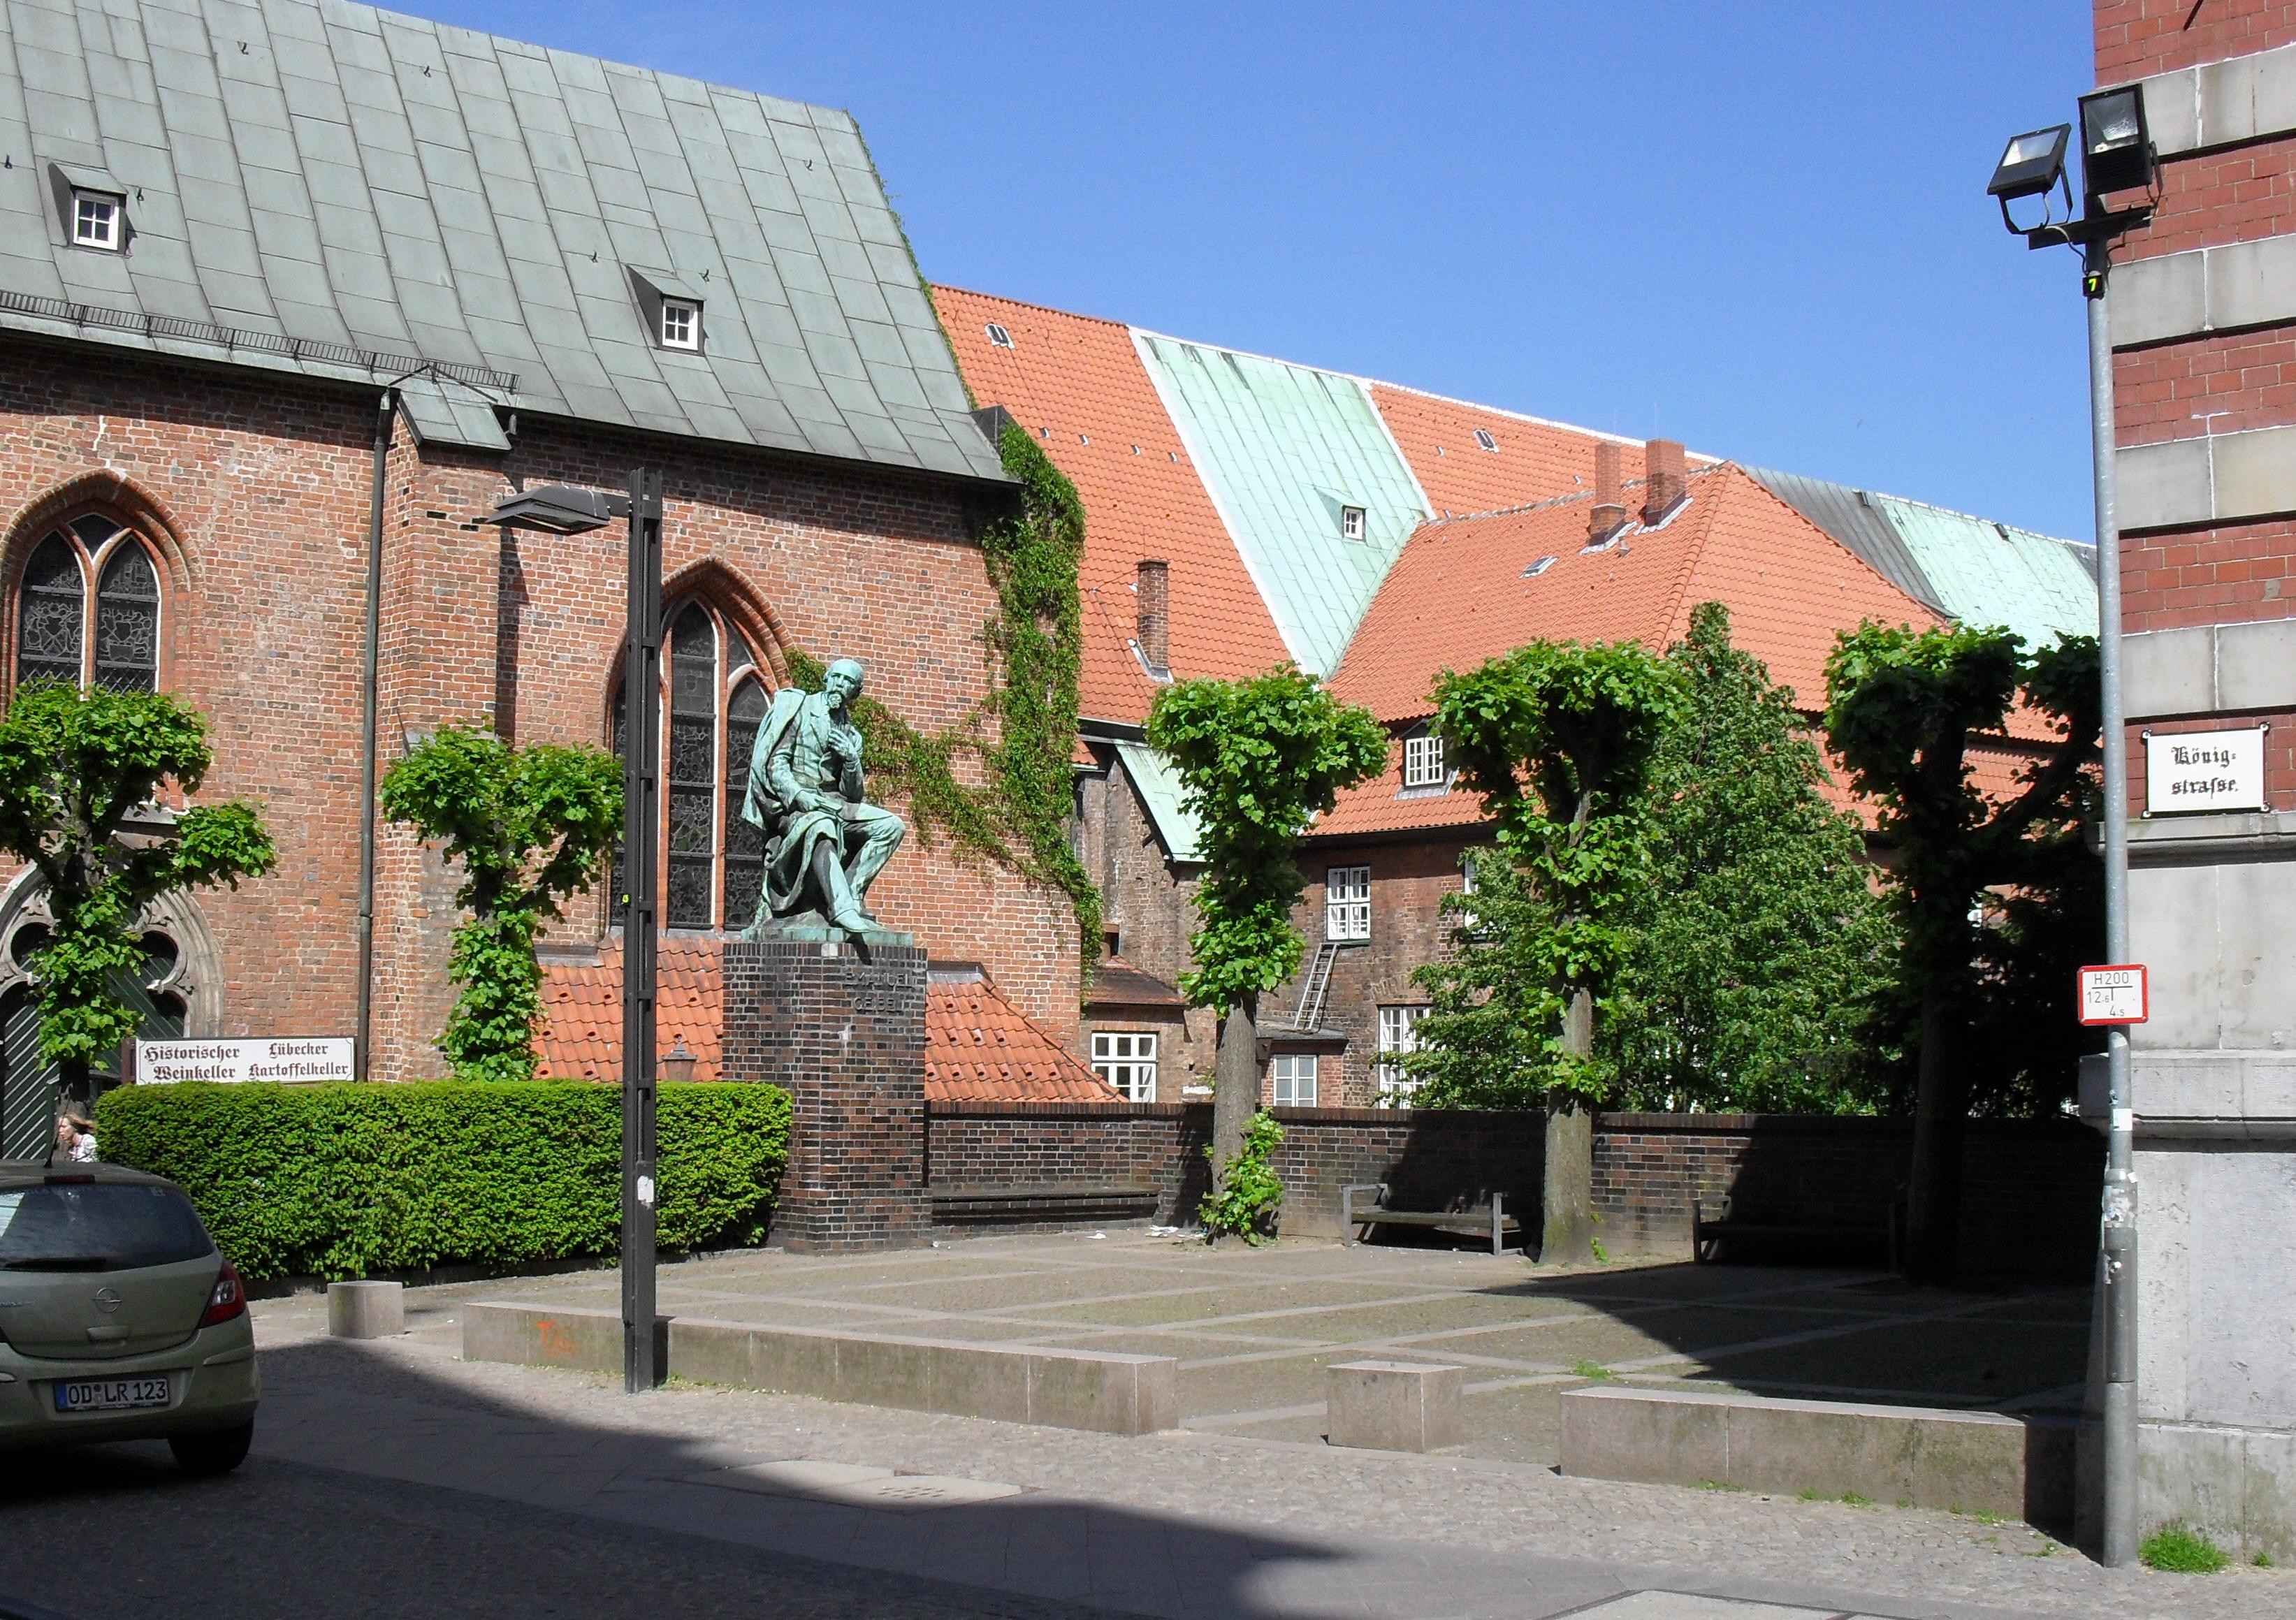 Geibelplatz (Lübeck)